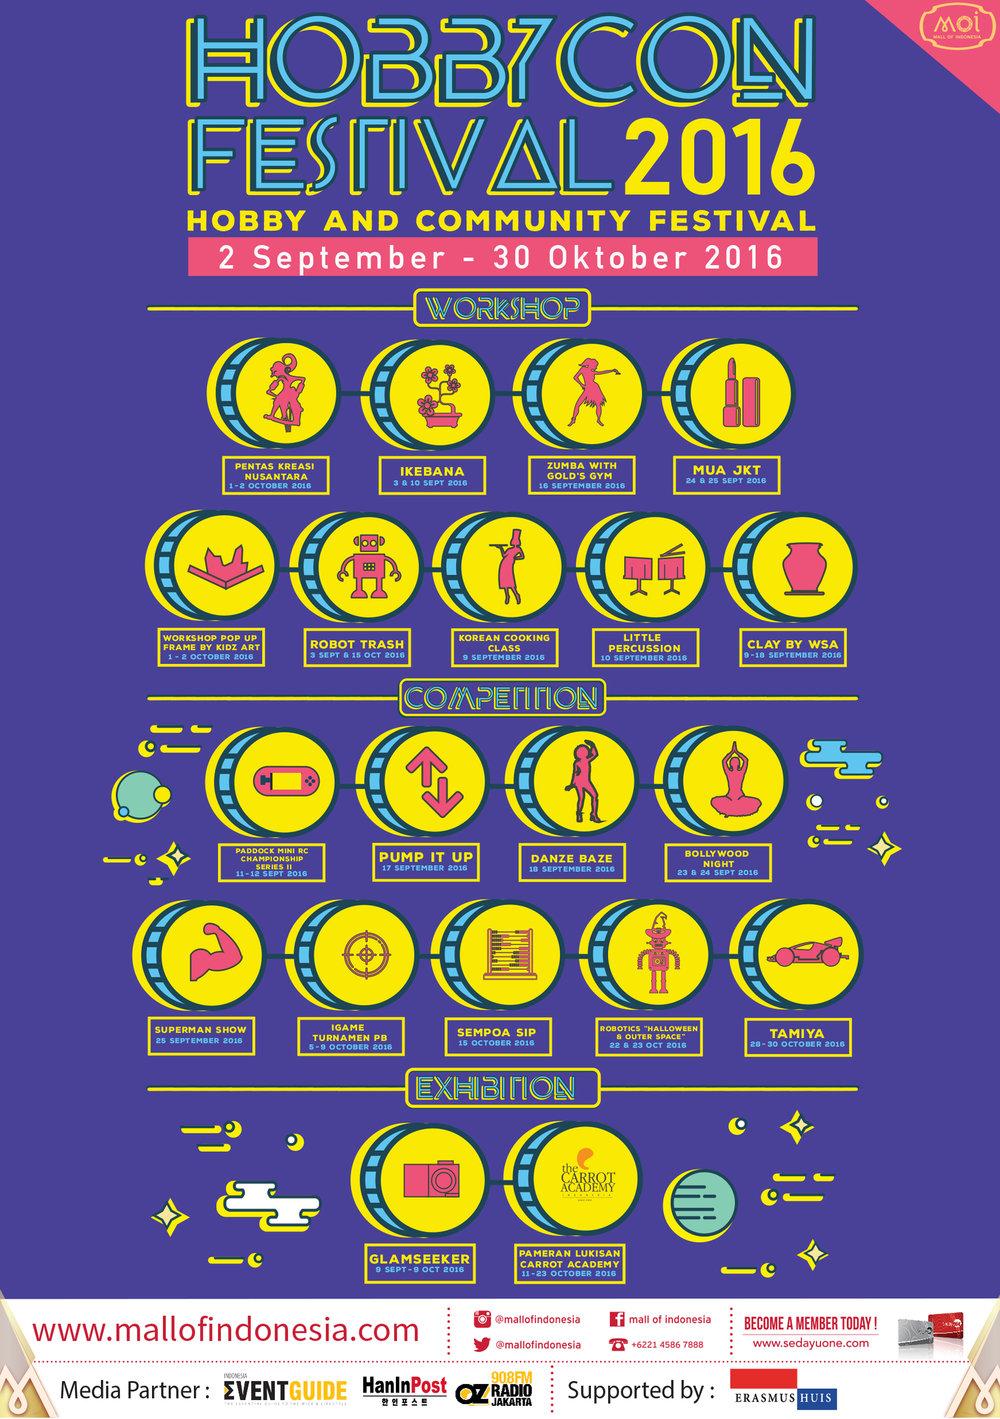 """Setelah sukses menghadirkan event Hobbycon Festival di Tahun 2014 dan 2015, Mall of Indonesia kembali menghadirkan event tahunan yang paling ditunggu oleh para pecinta hobi dan komunitas yaitu Hobbycon Festival 2016. Event yang berlangsung mulai tanggal 2 September 2016 hingga 30 Oktober 2016 nanti akan menghadirkan berbagai macam komunitas dan hobi yang bersatu dalam 3 konsep utama yaitu Exhibition, Workshop dan Competition. Beragam rangkaian acara yang akan hadir antara lain Kompetisi Remote Control bersama Paddock Mini RC Championship Series, Pameran foto dari Erasmus Huis, Danz Baze Competititon, Tournament Point Blank, workshop kecantikan bersama komunitas Make up Artist Jakarta serta berbagai rangkaian acara menarik lainnya. """"Selain memberikan """"fun shopping experience"""" bagi para pengunjung, Hobbycon Festival 2016 diharapkan dapat menjadi tempat berkumpul yang seru untuk pecinta hobi dan komunitas serta memberi inspirasi bagi para pengunjung setia Mall of Indonesia"""" ungkap Lady Samantha, Marketing Communication Manager Mall of Indonesia. Selain hobi dan komunitas pada event Hobbycon Festival 2016, Mall of Indonesia juga menghadirkan Bollywood Night yang menampilkan berbagai acara khas India seperti India Fashion Show & Sesi Akustik lagu India di tanggal 23-24 September 2016. Untuk semakin memanjakan pengunjungnya, terutama pecinta kuliner hadir juga program Food Fanatics Vol. 1 yang berlangsung tanggal 22 Agustus 2016 – 23 September 2016 setiap Senin – Jum'at yaitu Sarapan Goceng di #PASARMOI mulai jam 07.00 – 09.00 WIB dan promo diskon 30% Best Friend Foodever (BFF),mulai jam 10.00 – 22.00 WIB. Belanja makin menyenangkan dengan rangkaian acara menarik di Mall of Indonesia. The Fun Shopping Experience."""